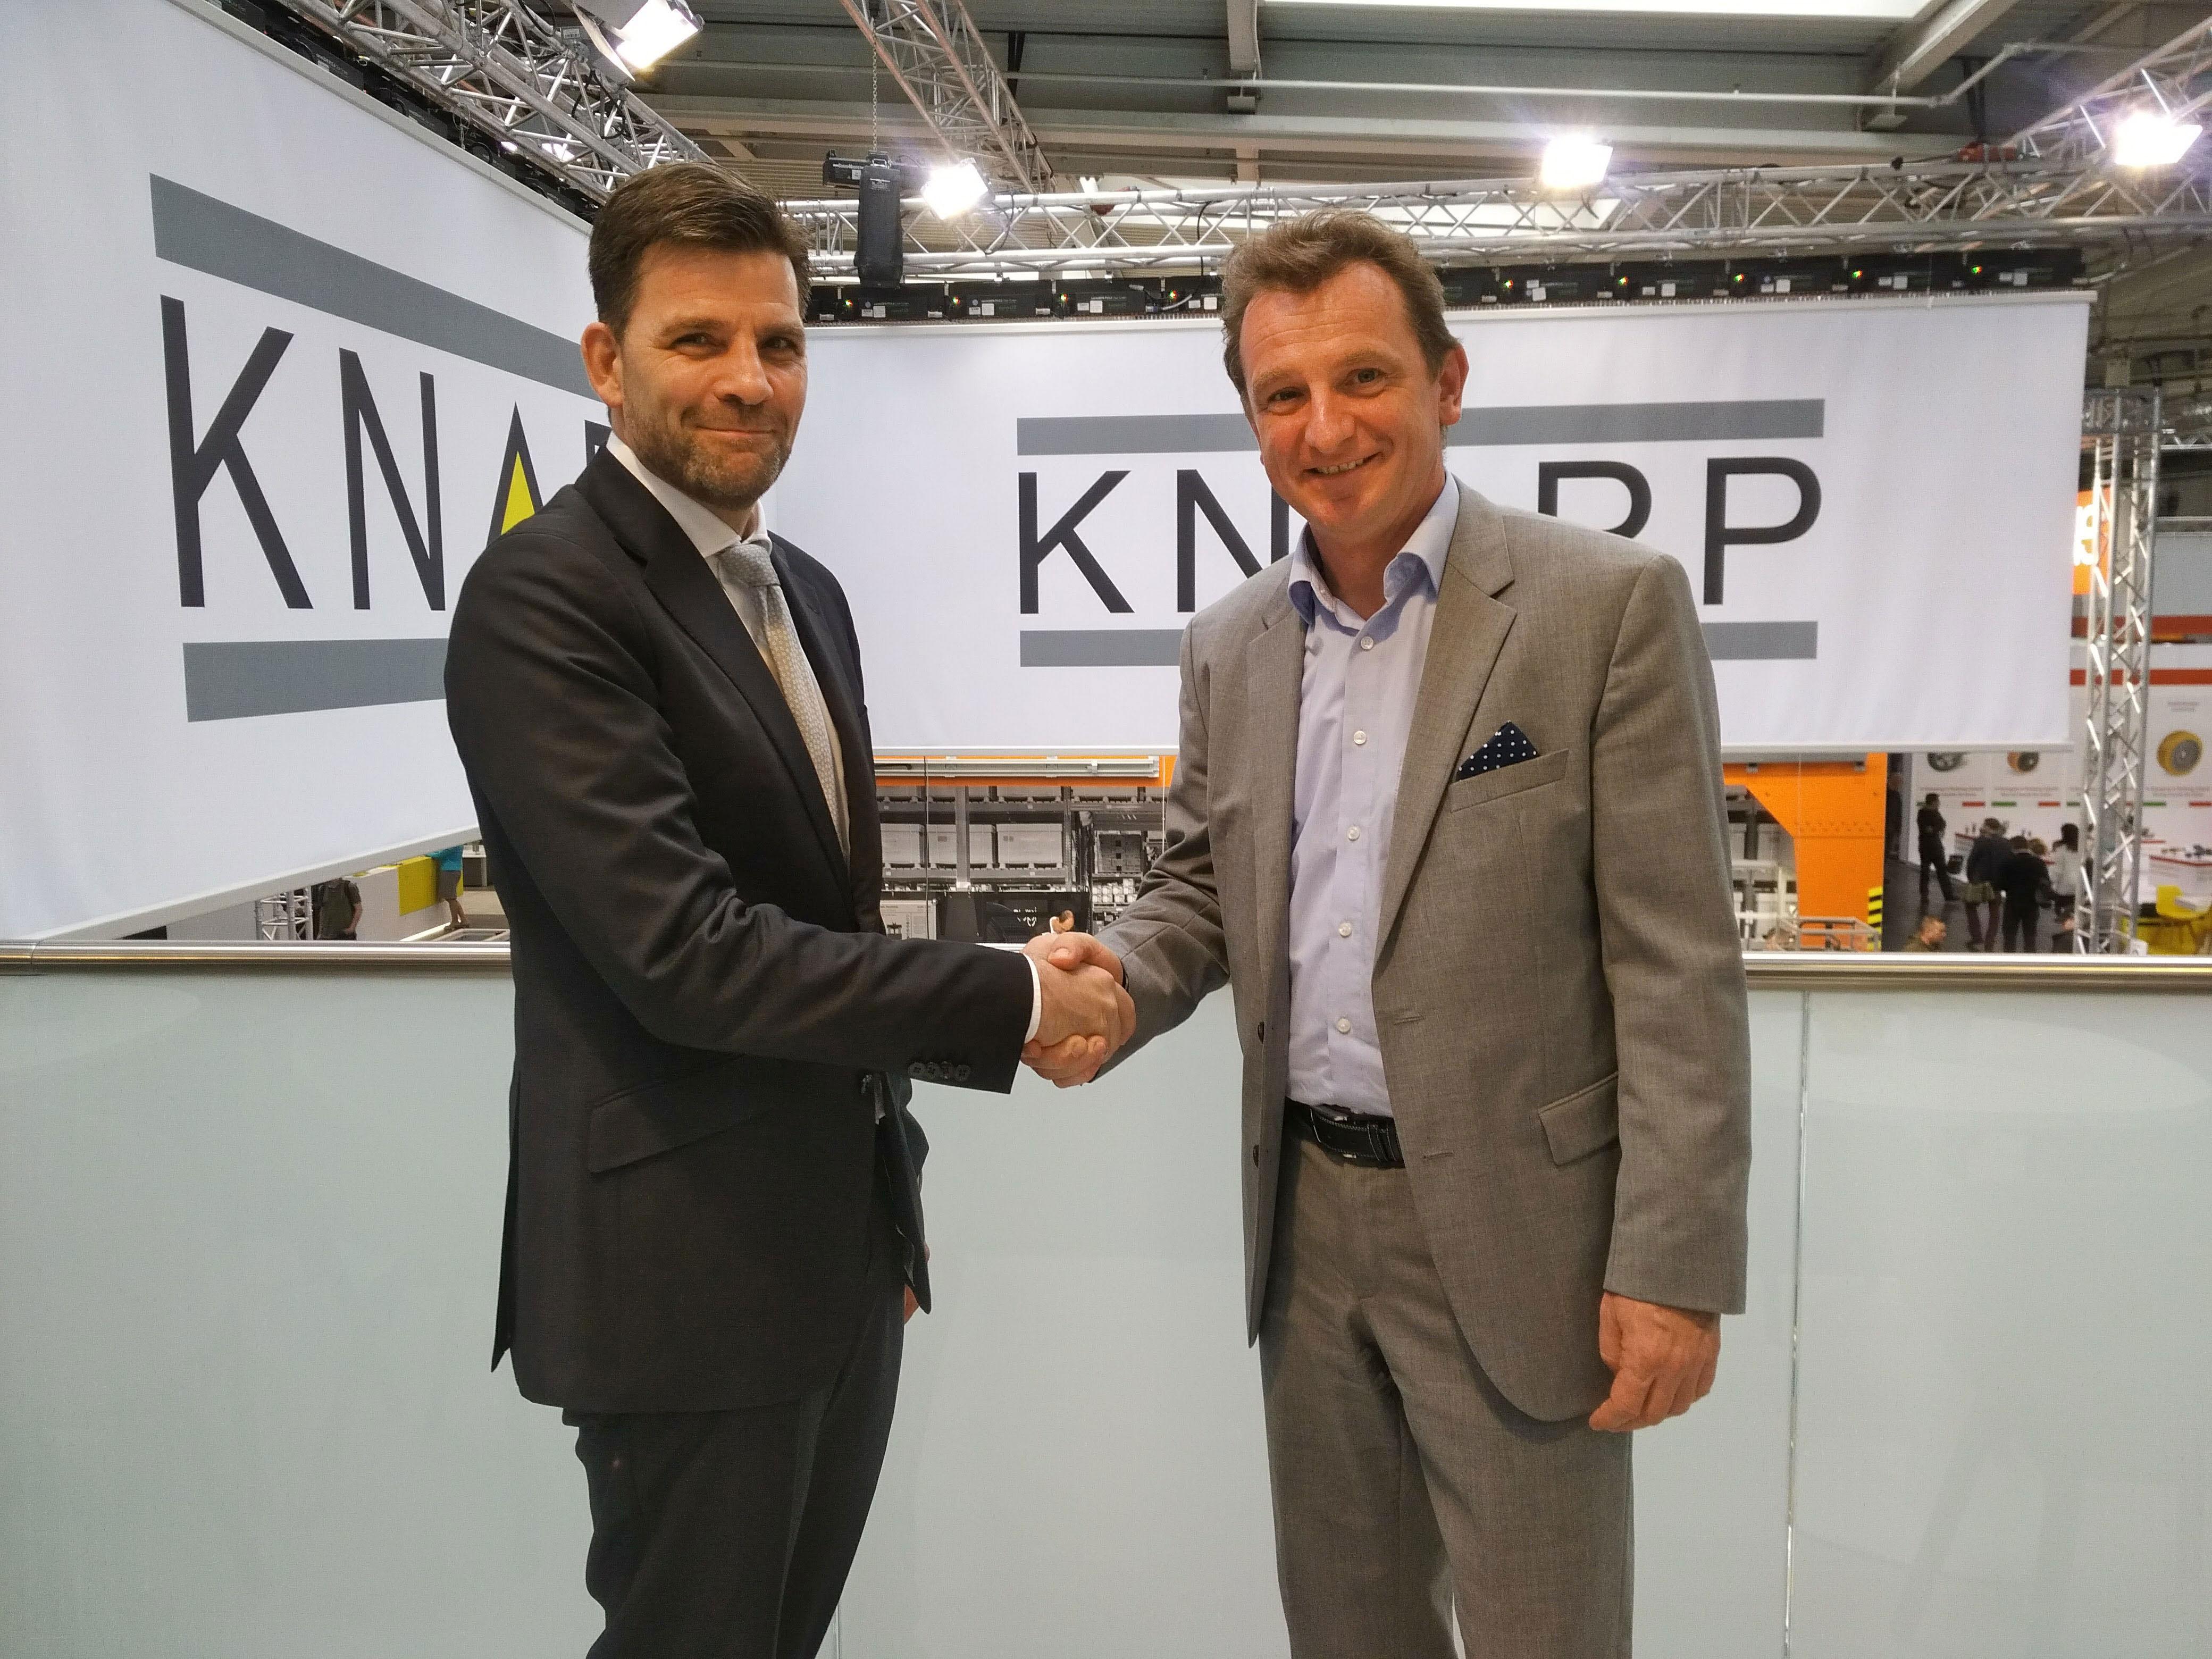 DIESEL TECHNIC AG unterzeichnet Vertrag mit KNAPP auf CeMAT